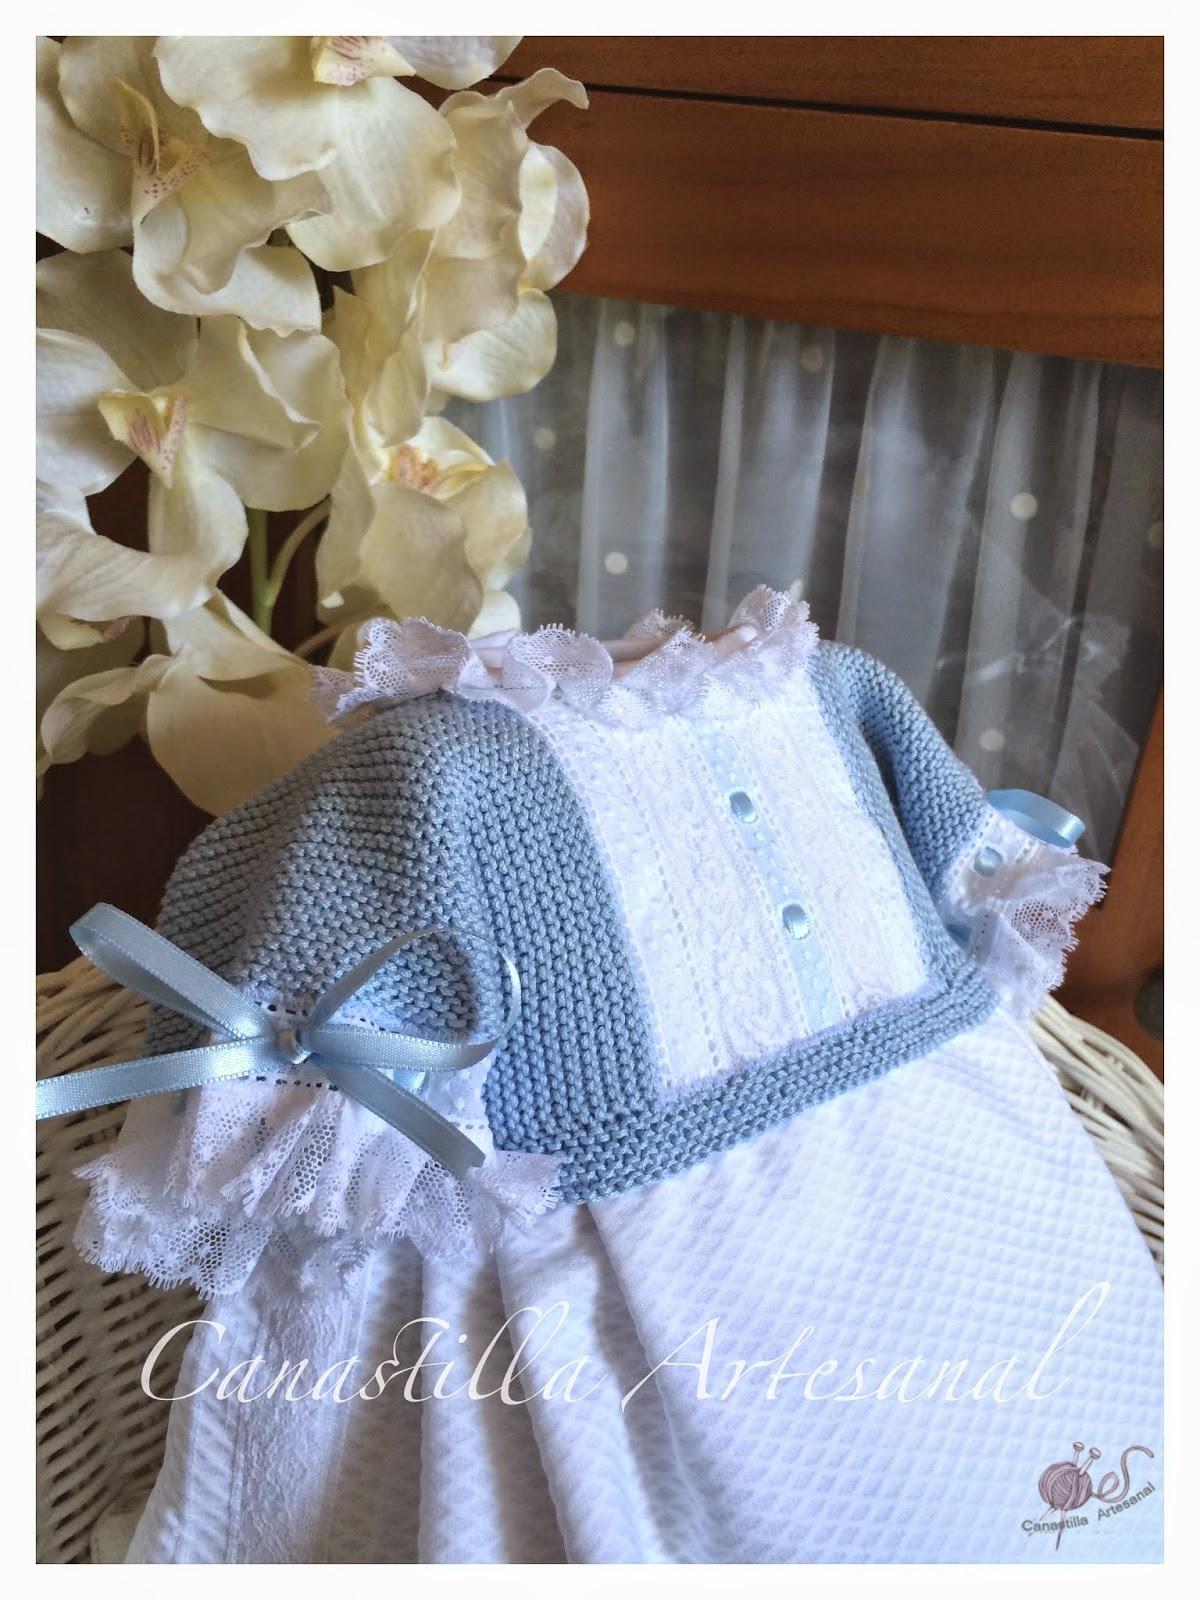 Canastilla artesanal pelele mart n con la llegada del - Canastilla artesanal bebe ...